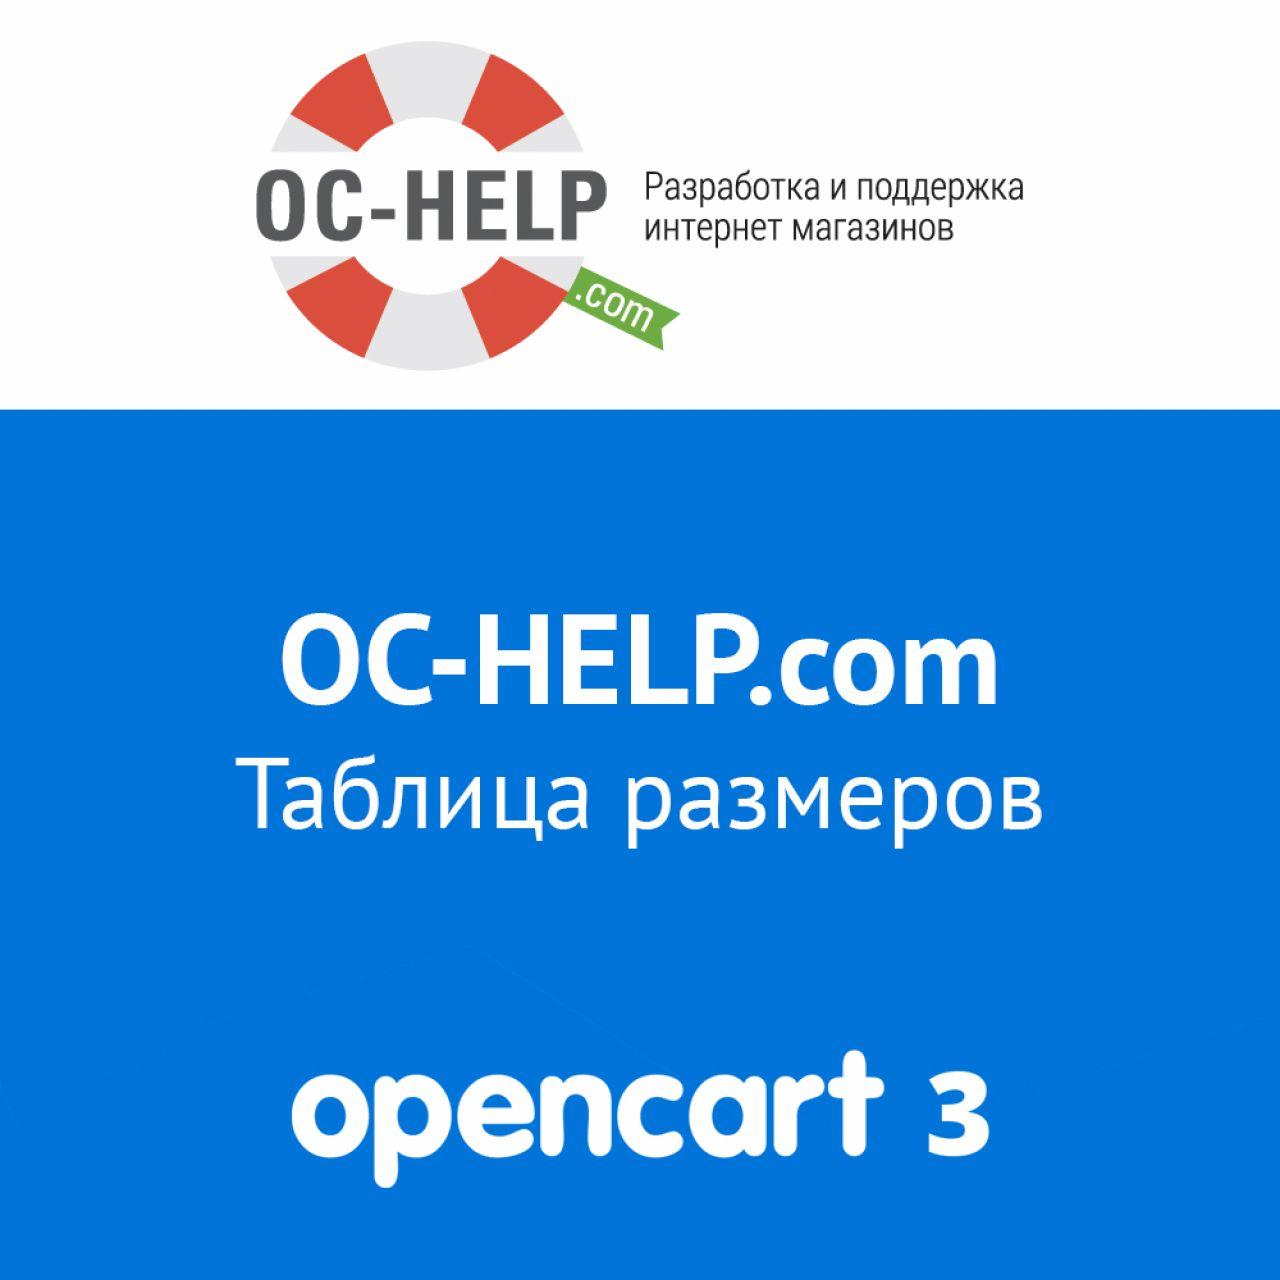 OCHELP - Таблица размеров Opencart 3.x из категории Оформление для CMS OpenCart (ОпенКарт)